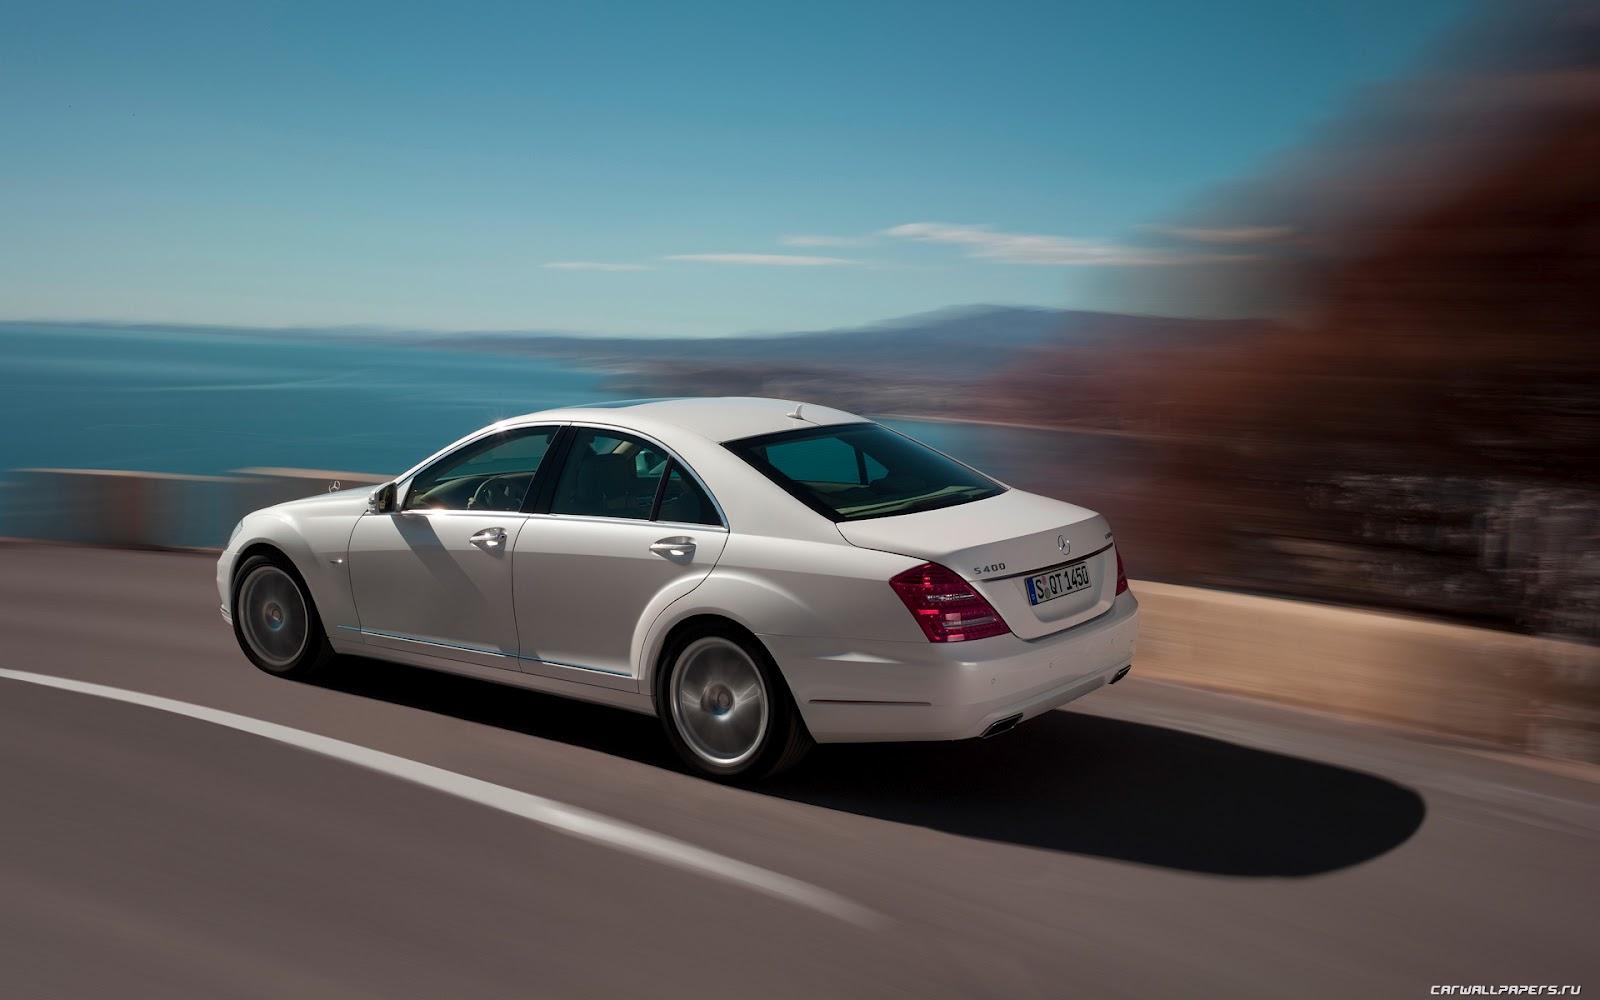 Kismet mercedes remote for Mercedes benz remote start app